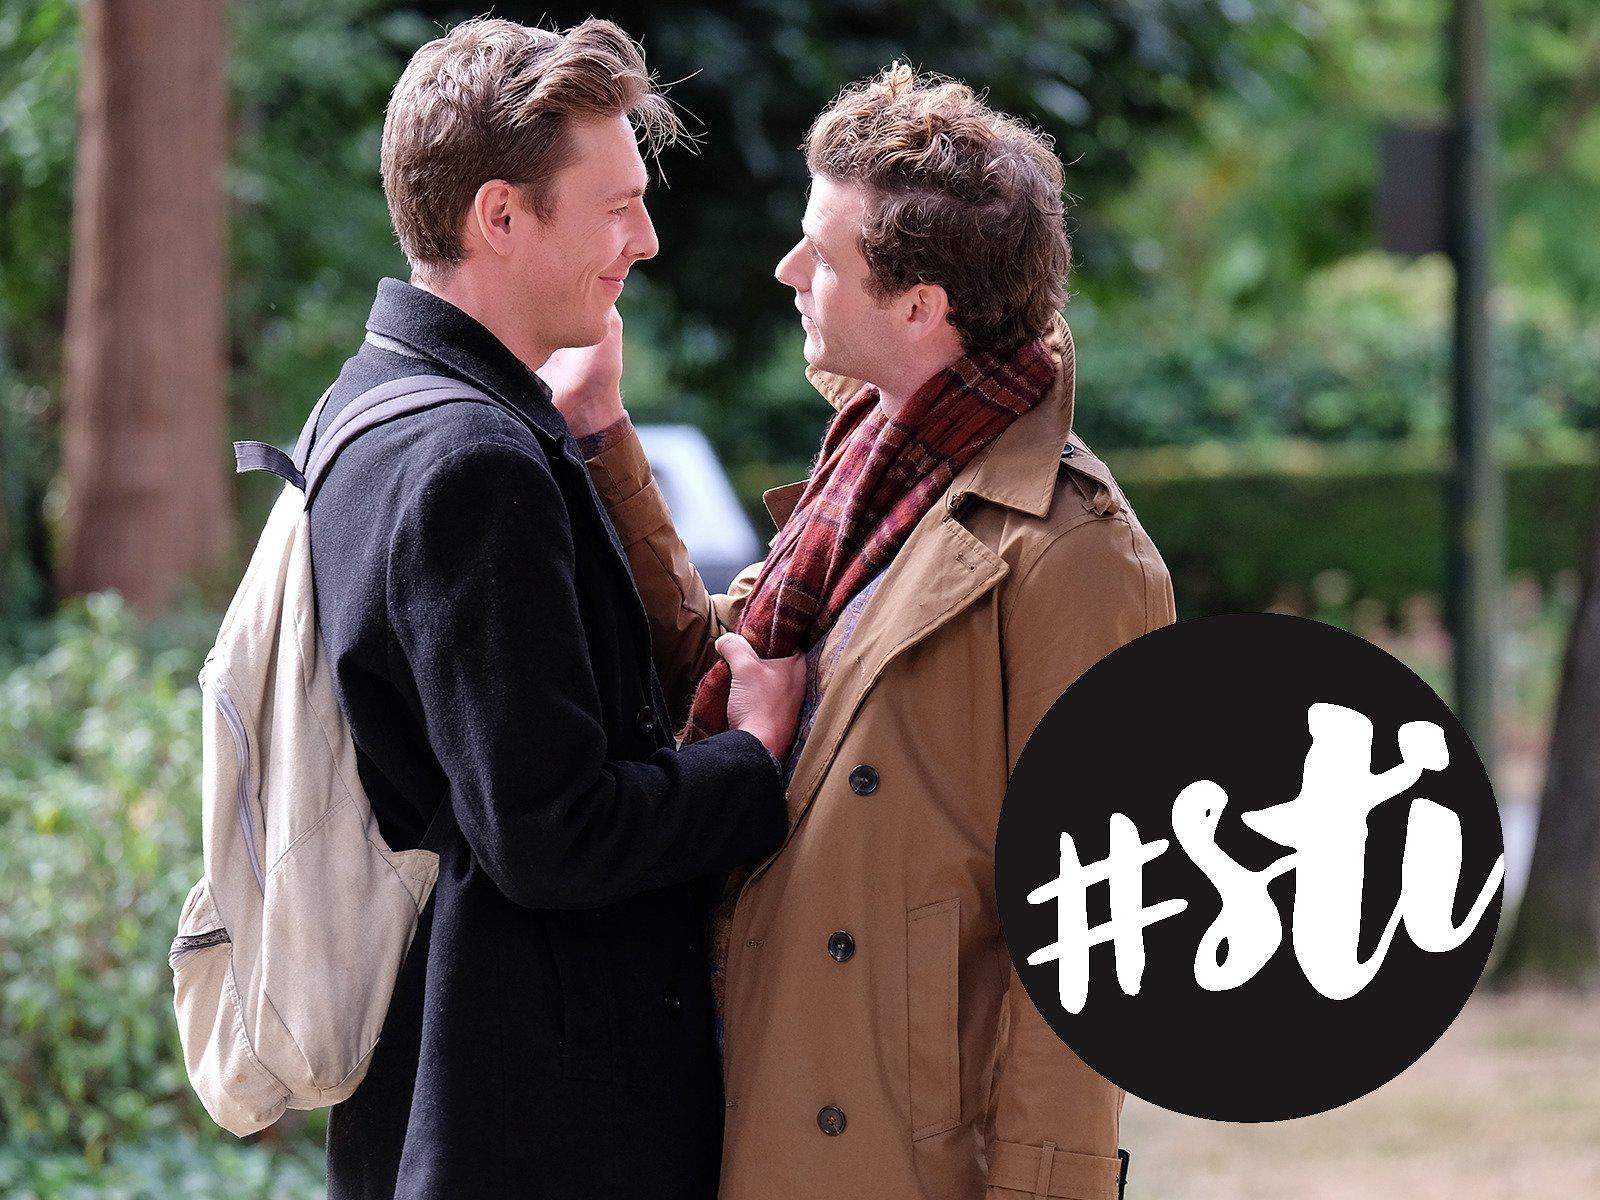 Hashtag STI - Season 1